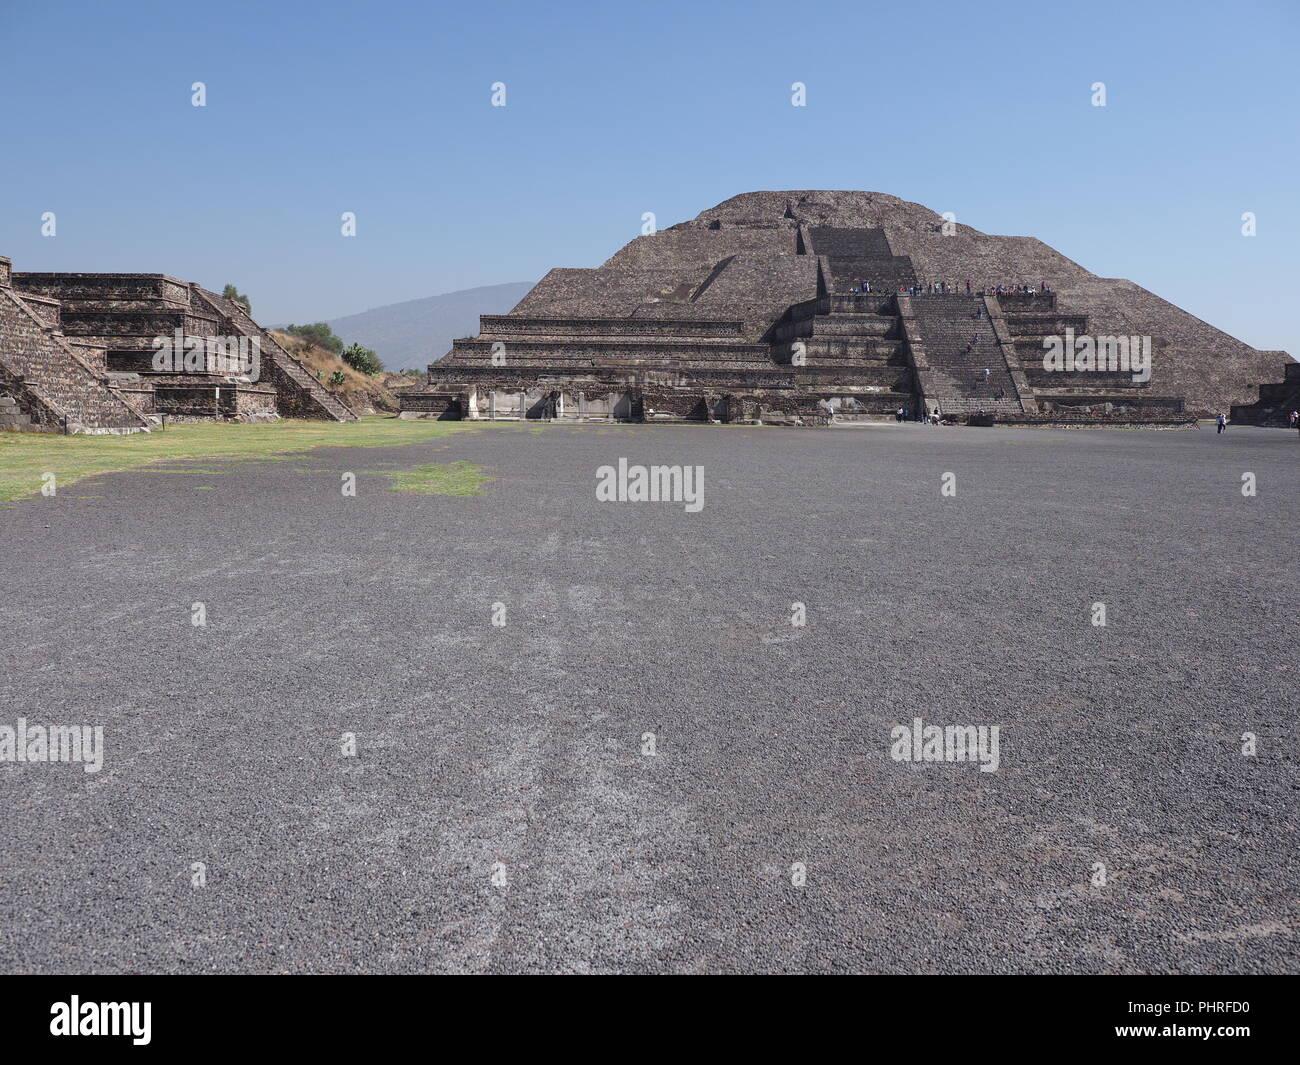 Pyramide monumentale de la lune à Teotihuacan ruines vu de l'Avenue des Morts près de Mexico Landscape Photo Stock